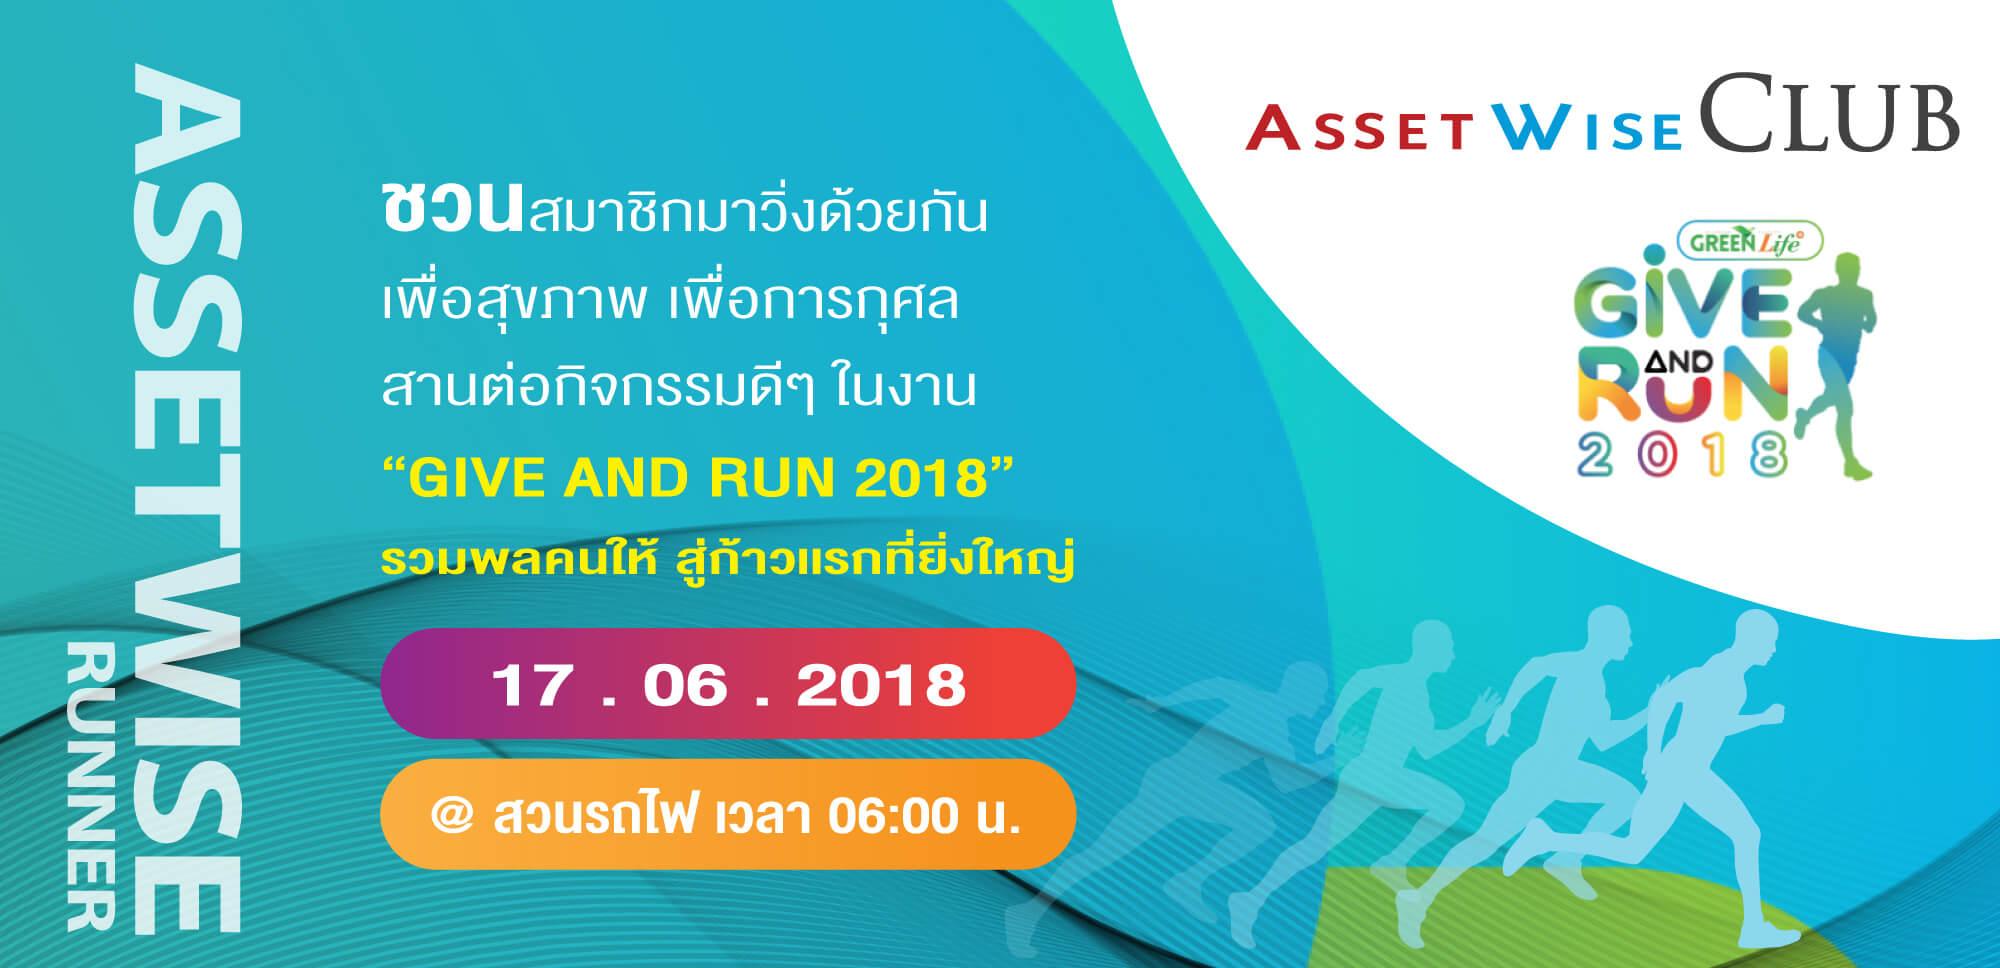 Gift And Run